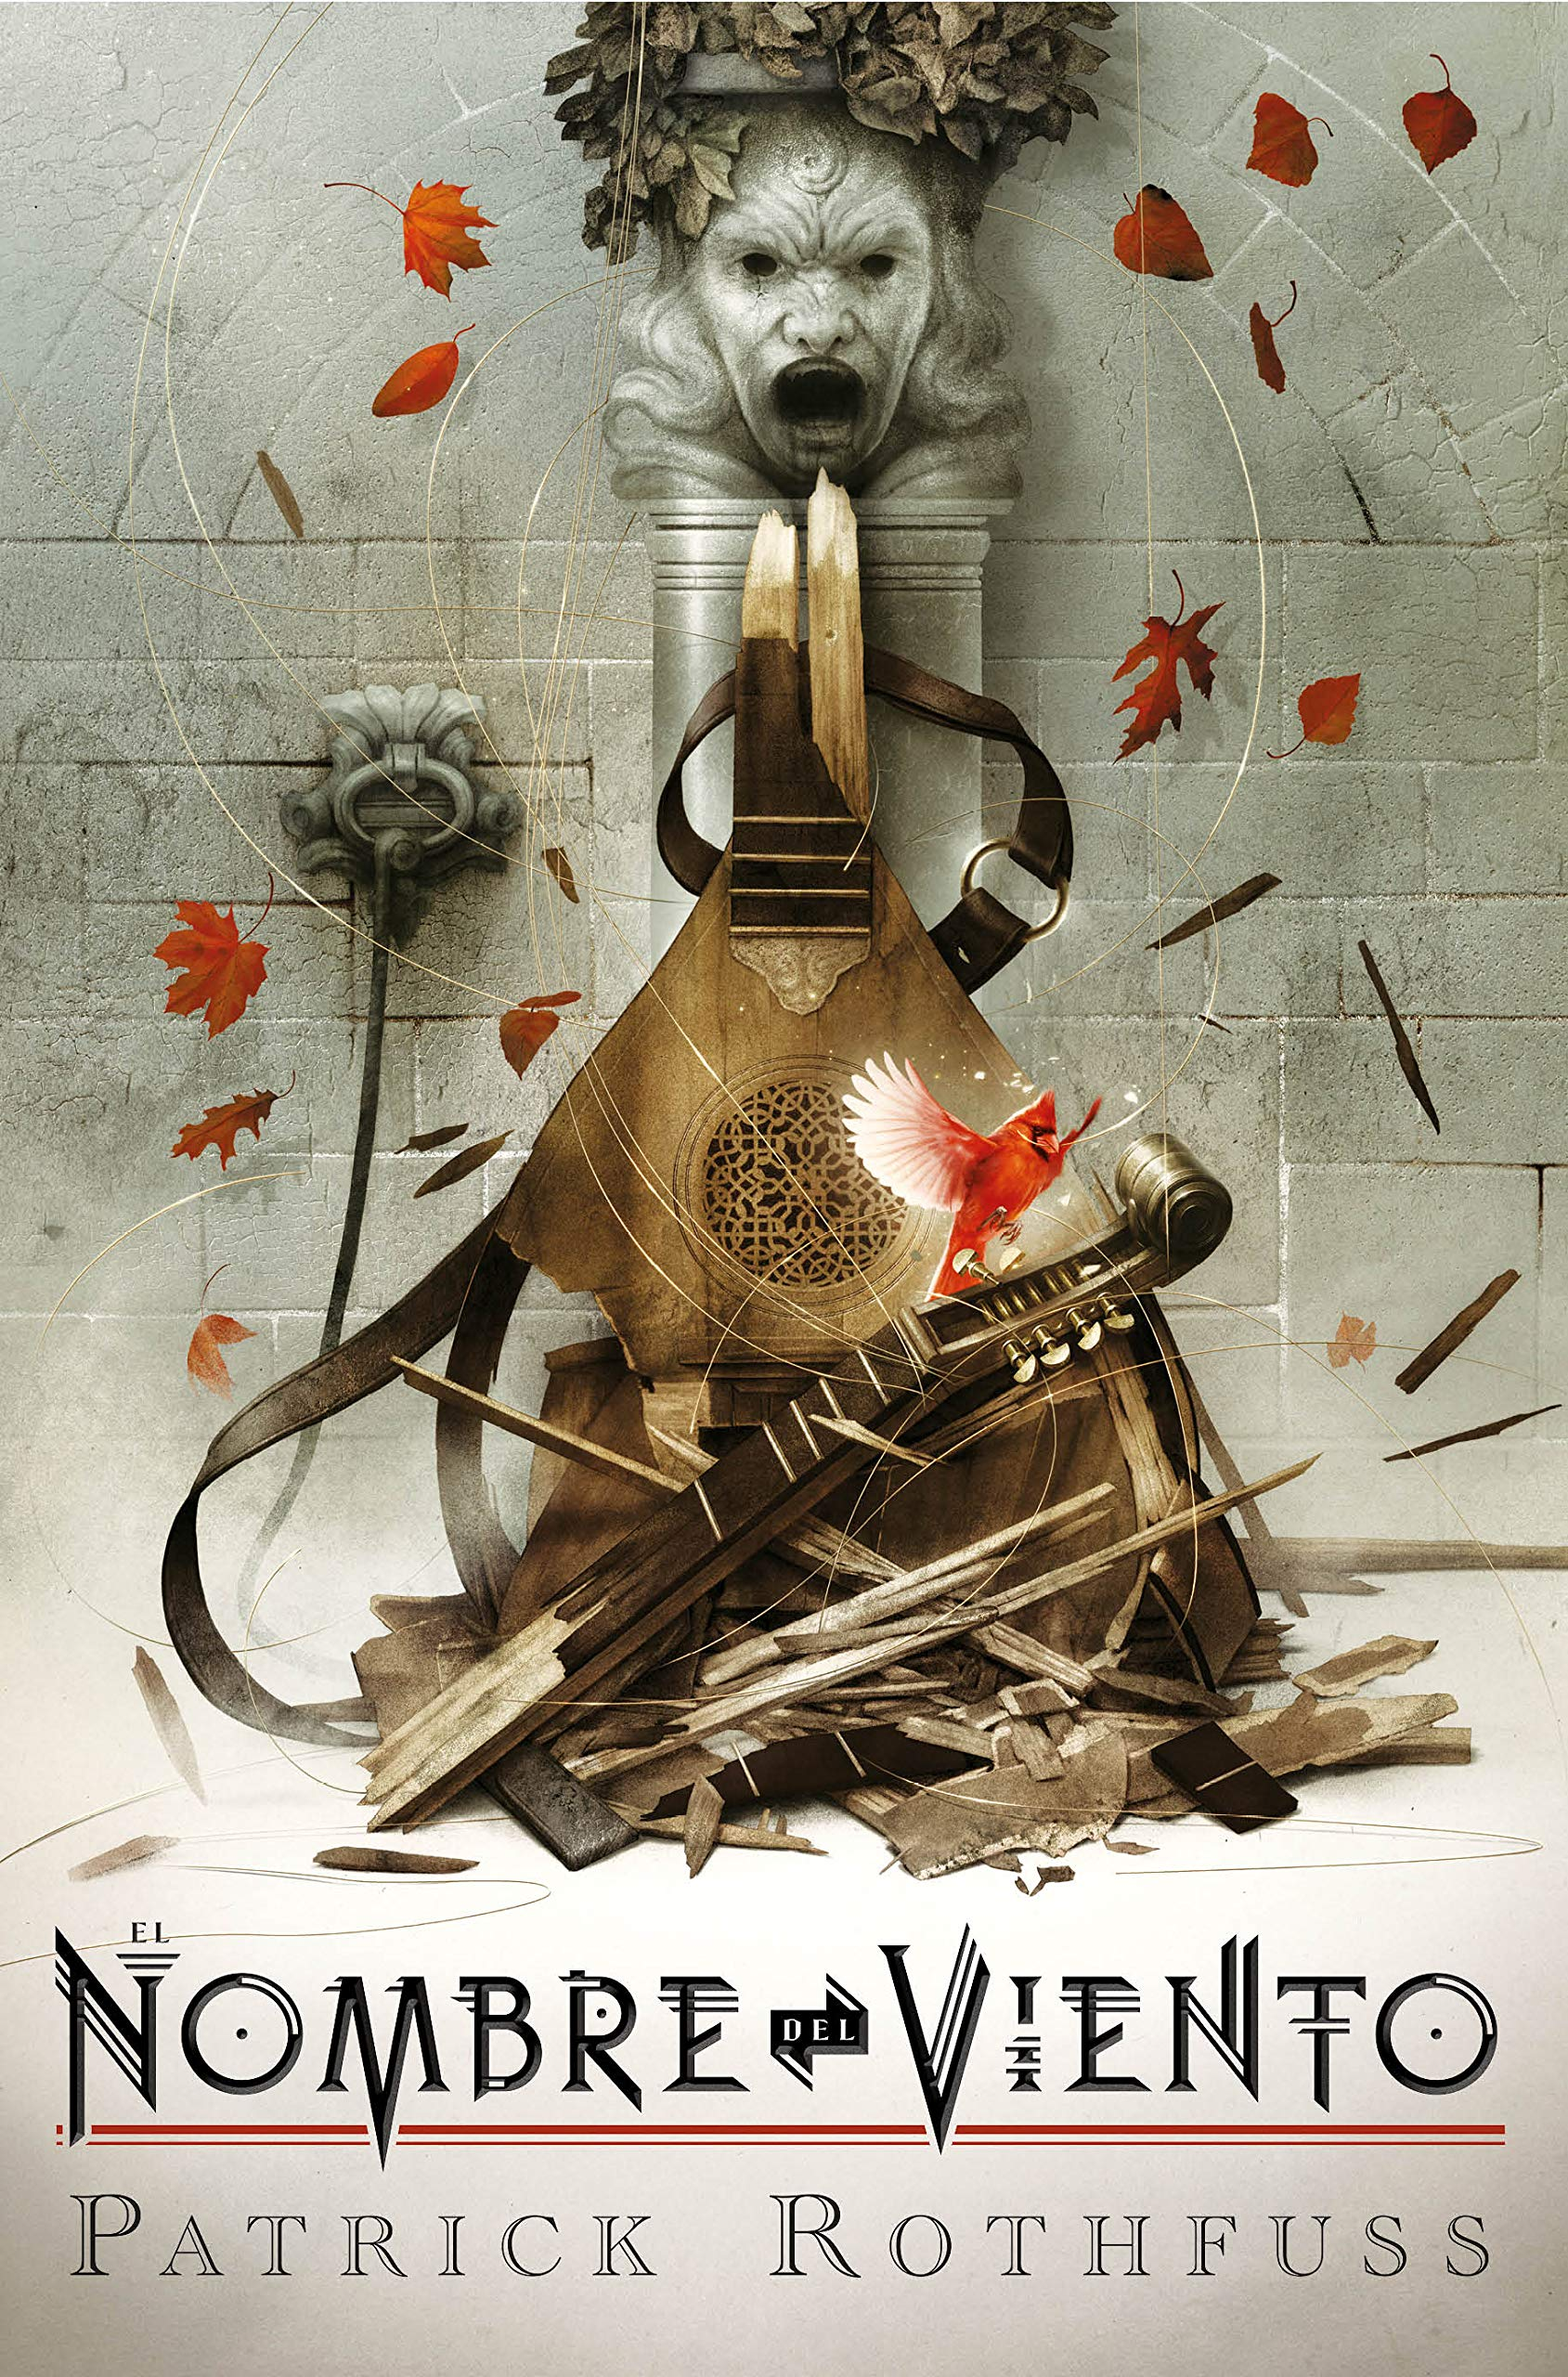 El nombre del viento edición de lujo por el 10º aniversario de la publicación Fantascy: Amazon.es: Rothfuss, Patrick: Libros